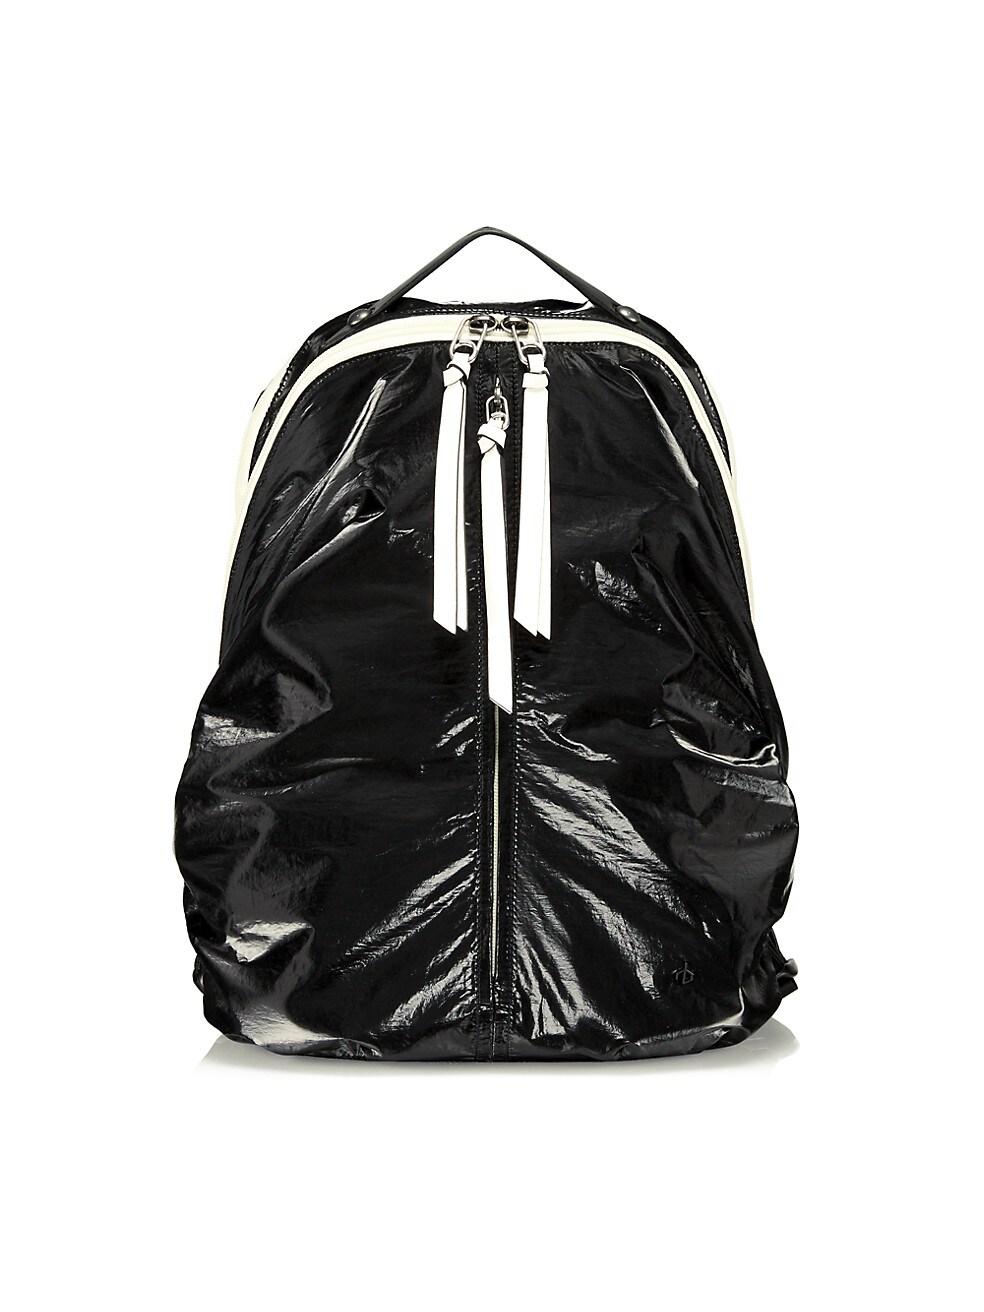 랙앤본 Rag & Bone Commuter Recycled Nylon Backpack,BLACK